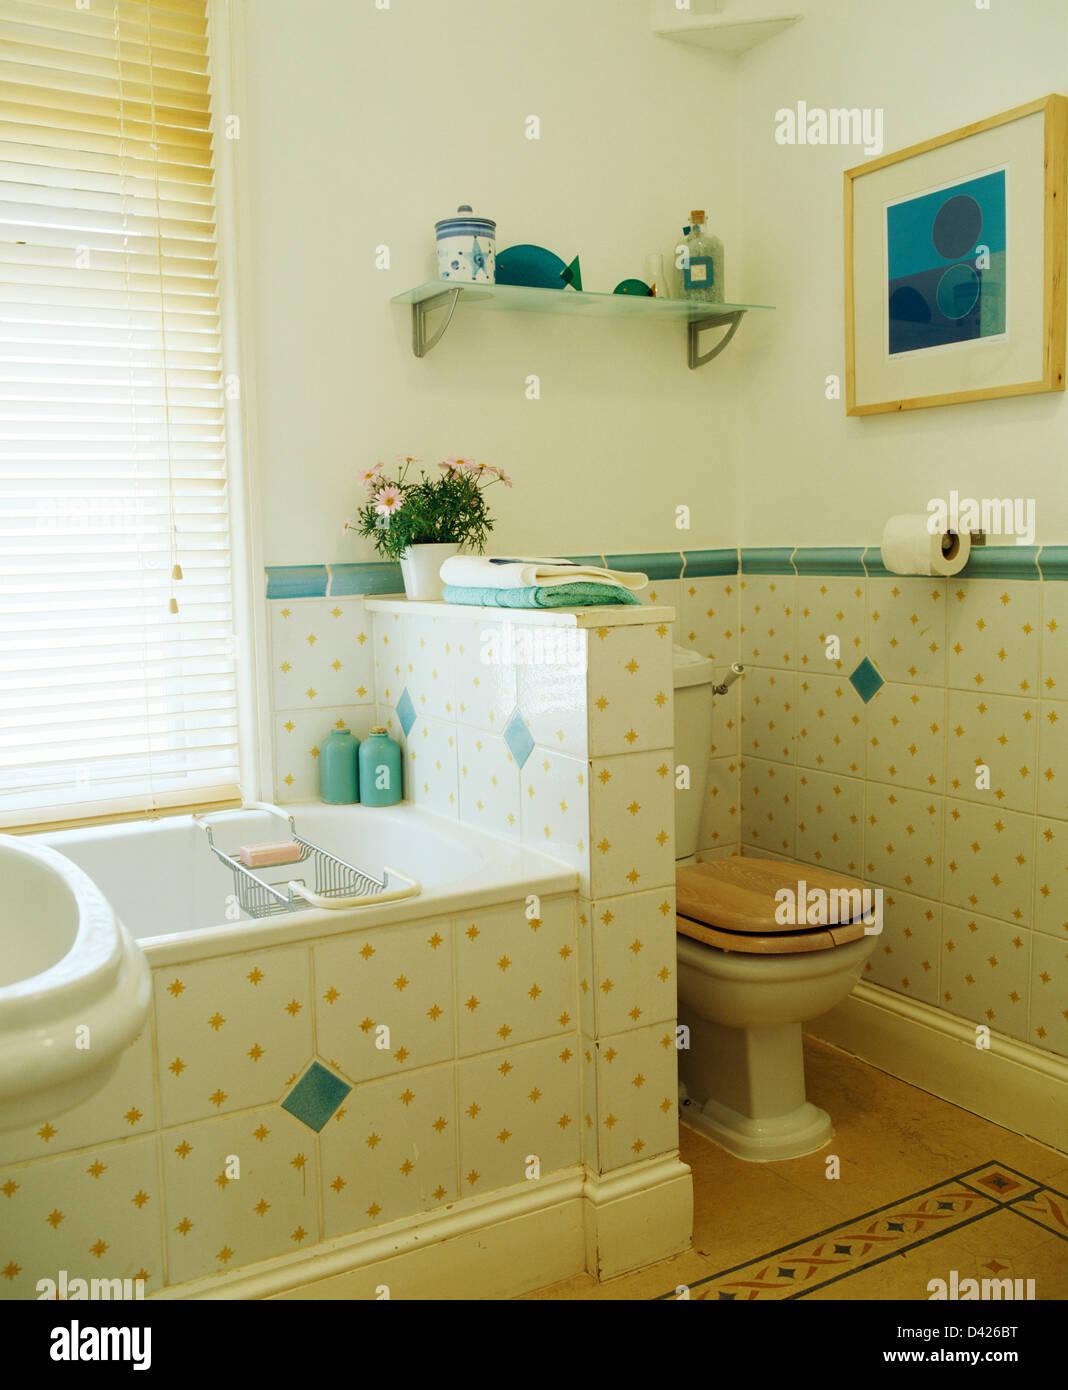 https www alamyimages fr photo image les carreaux de mur tachete jaune avec bordure en carrelage vert salle de bains avec sol carrele correspondant sur le panneau de toilettes baignoire divise de moitie wall 54138668 html